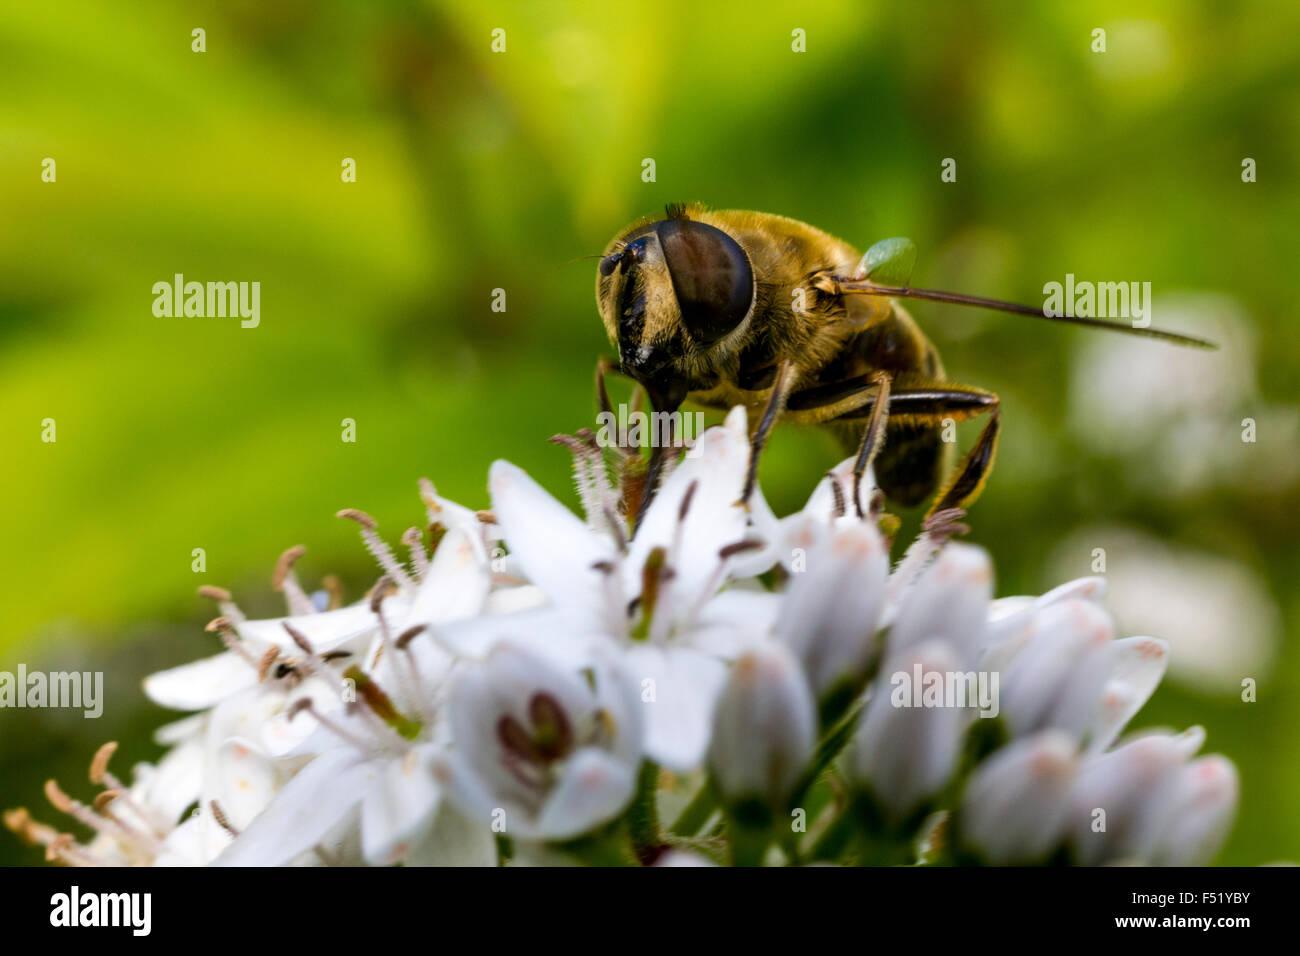 Enge, Detail von einer Biene-Schwebfliege (Volucella Bombylans) ernähren sich von Nektar aus einer Blume weiß Stockbild